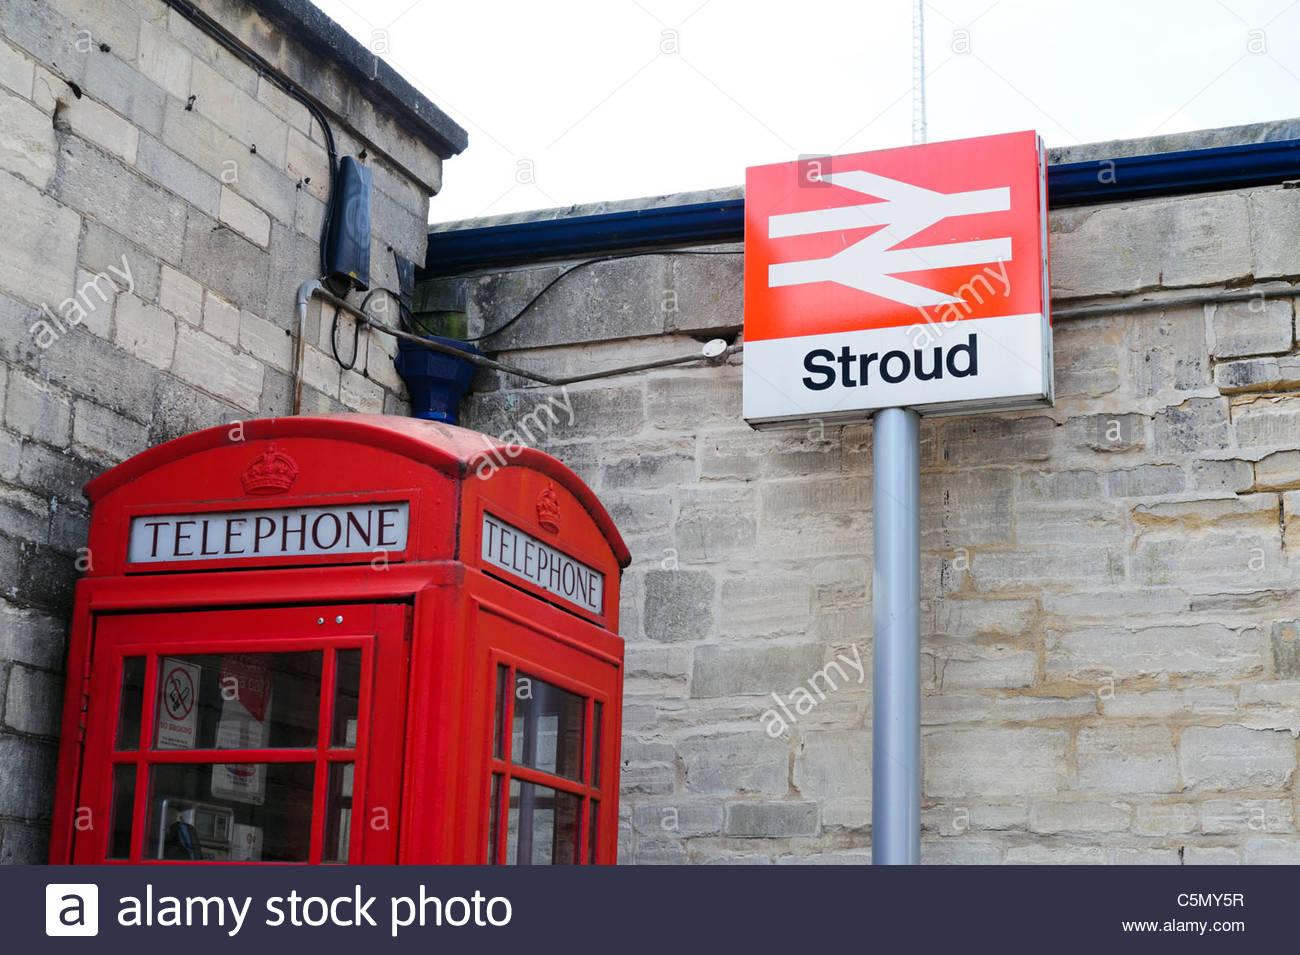 Stroud railway station sign, UK. - Stock Image